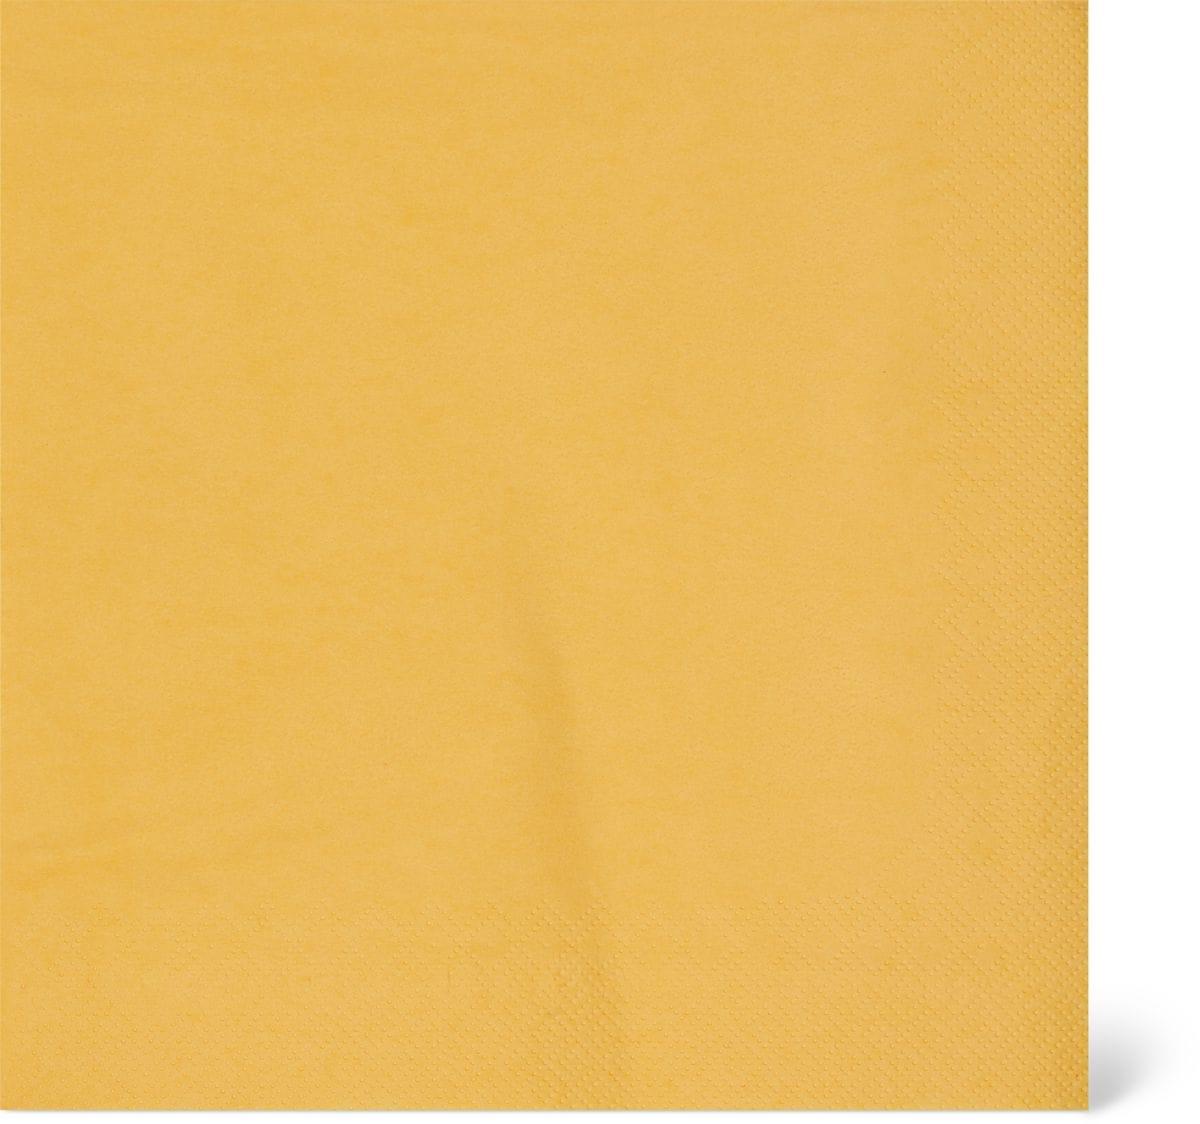 Cucina & Tavola Serviettes en papier, 40x40cm